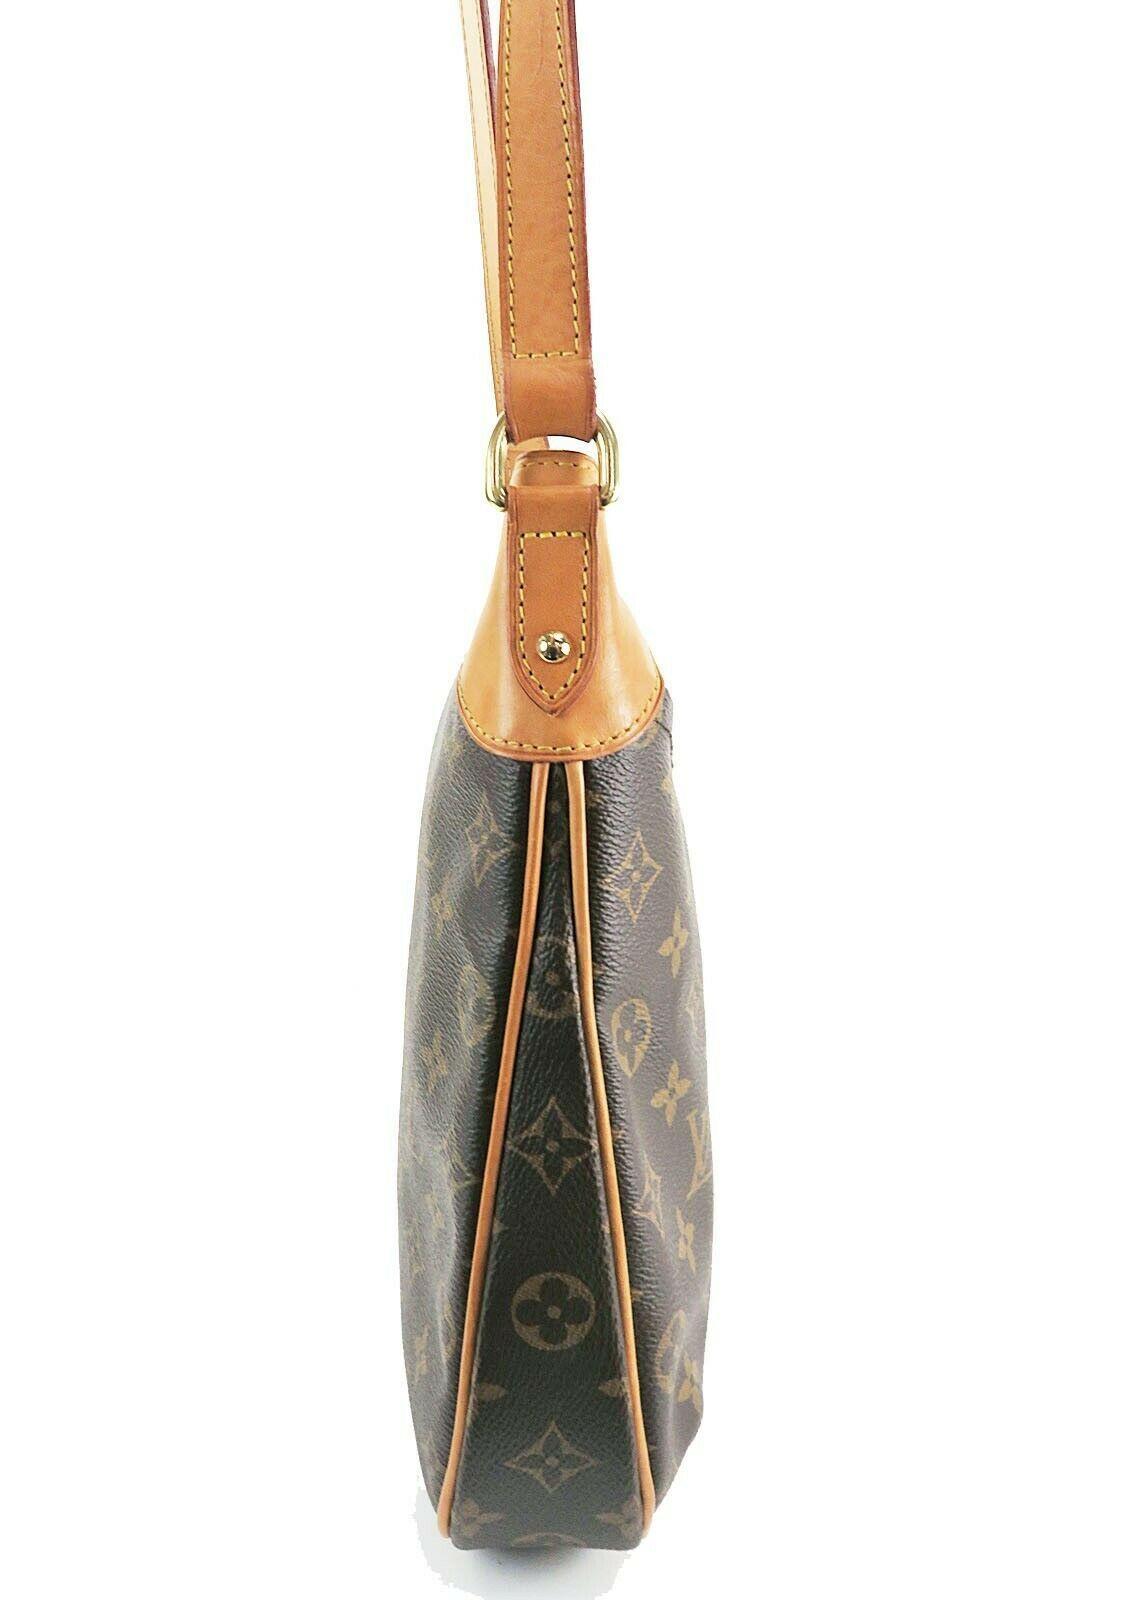 Authentic LOUIS VUITTON Odeon PM Monogram Shoulder Tote Bag Purse #32145 image 5